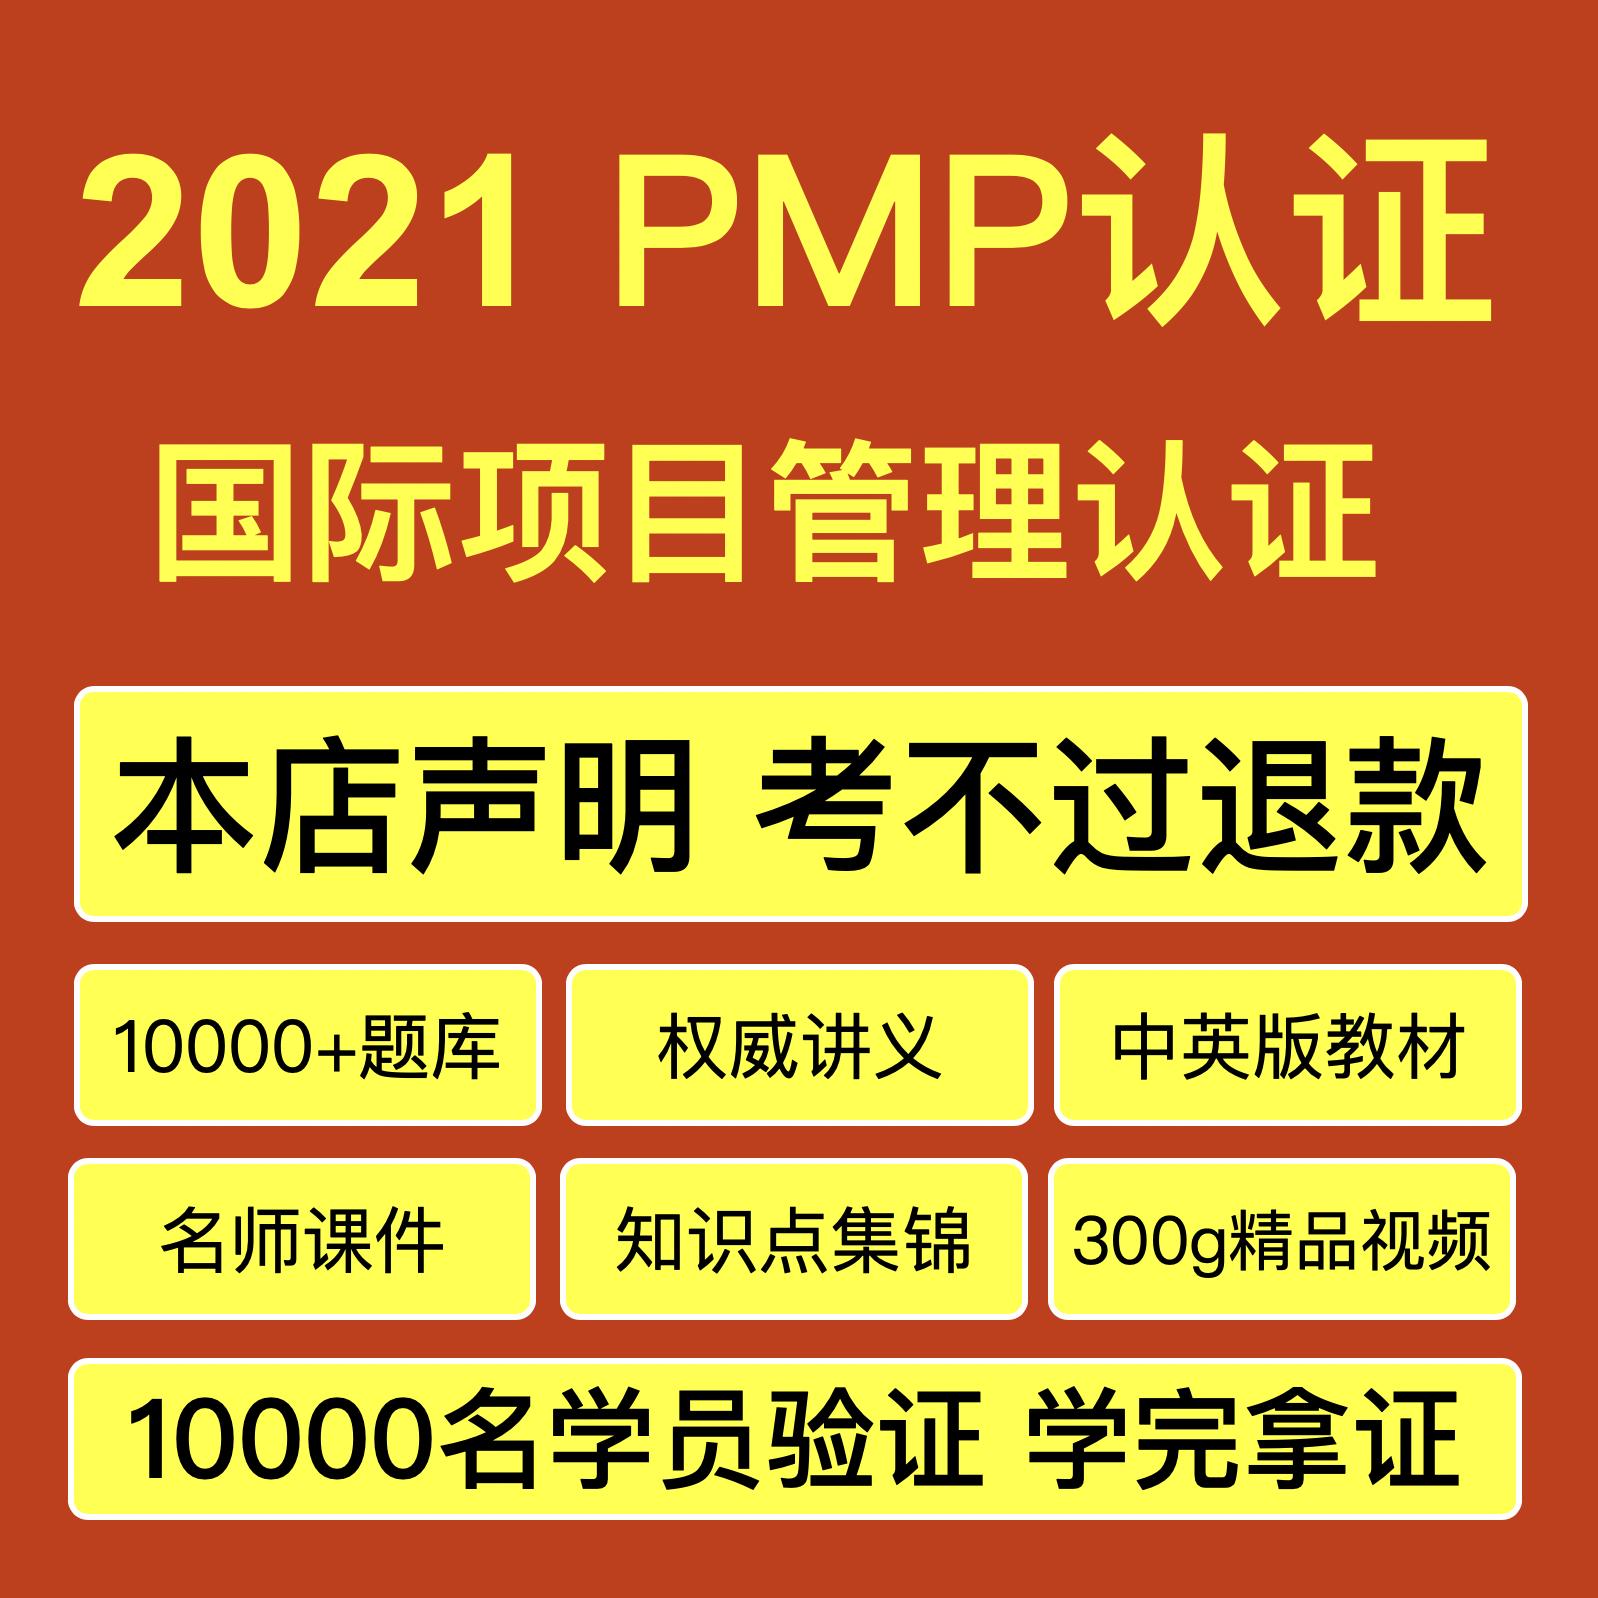 项目管理pmp考试第六版资料培训刷题课程视频教程网课